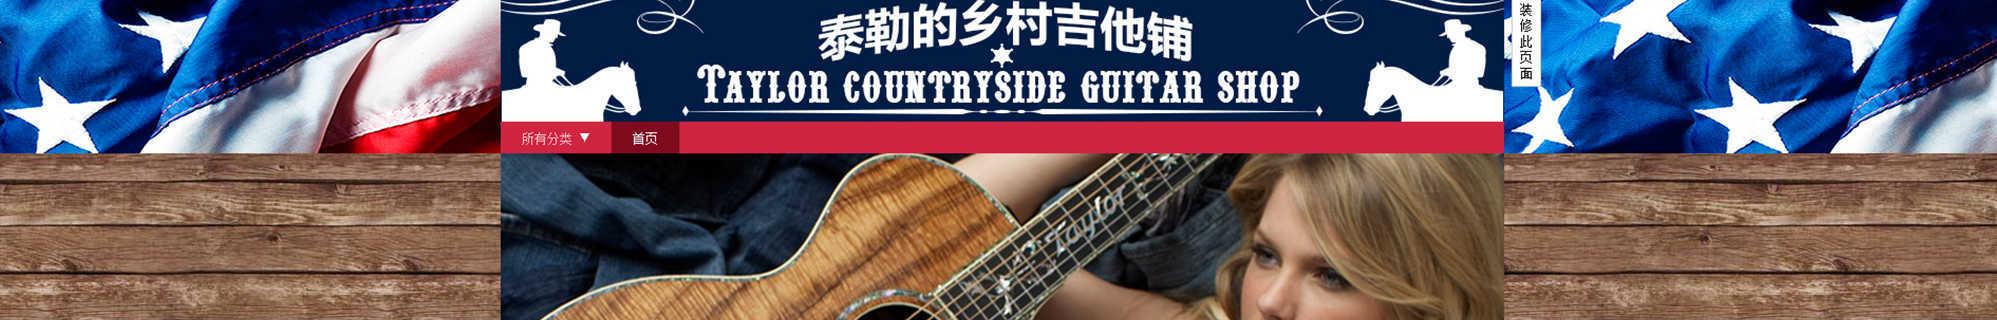 泰勒的乡村吉他铺 banner